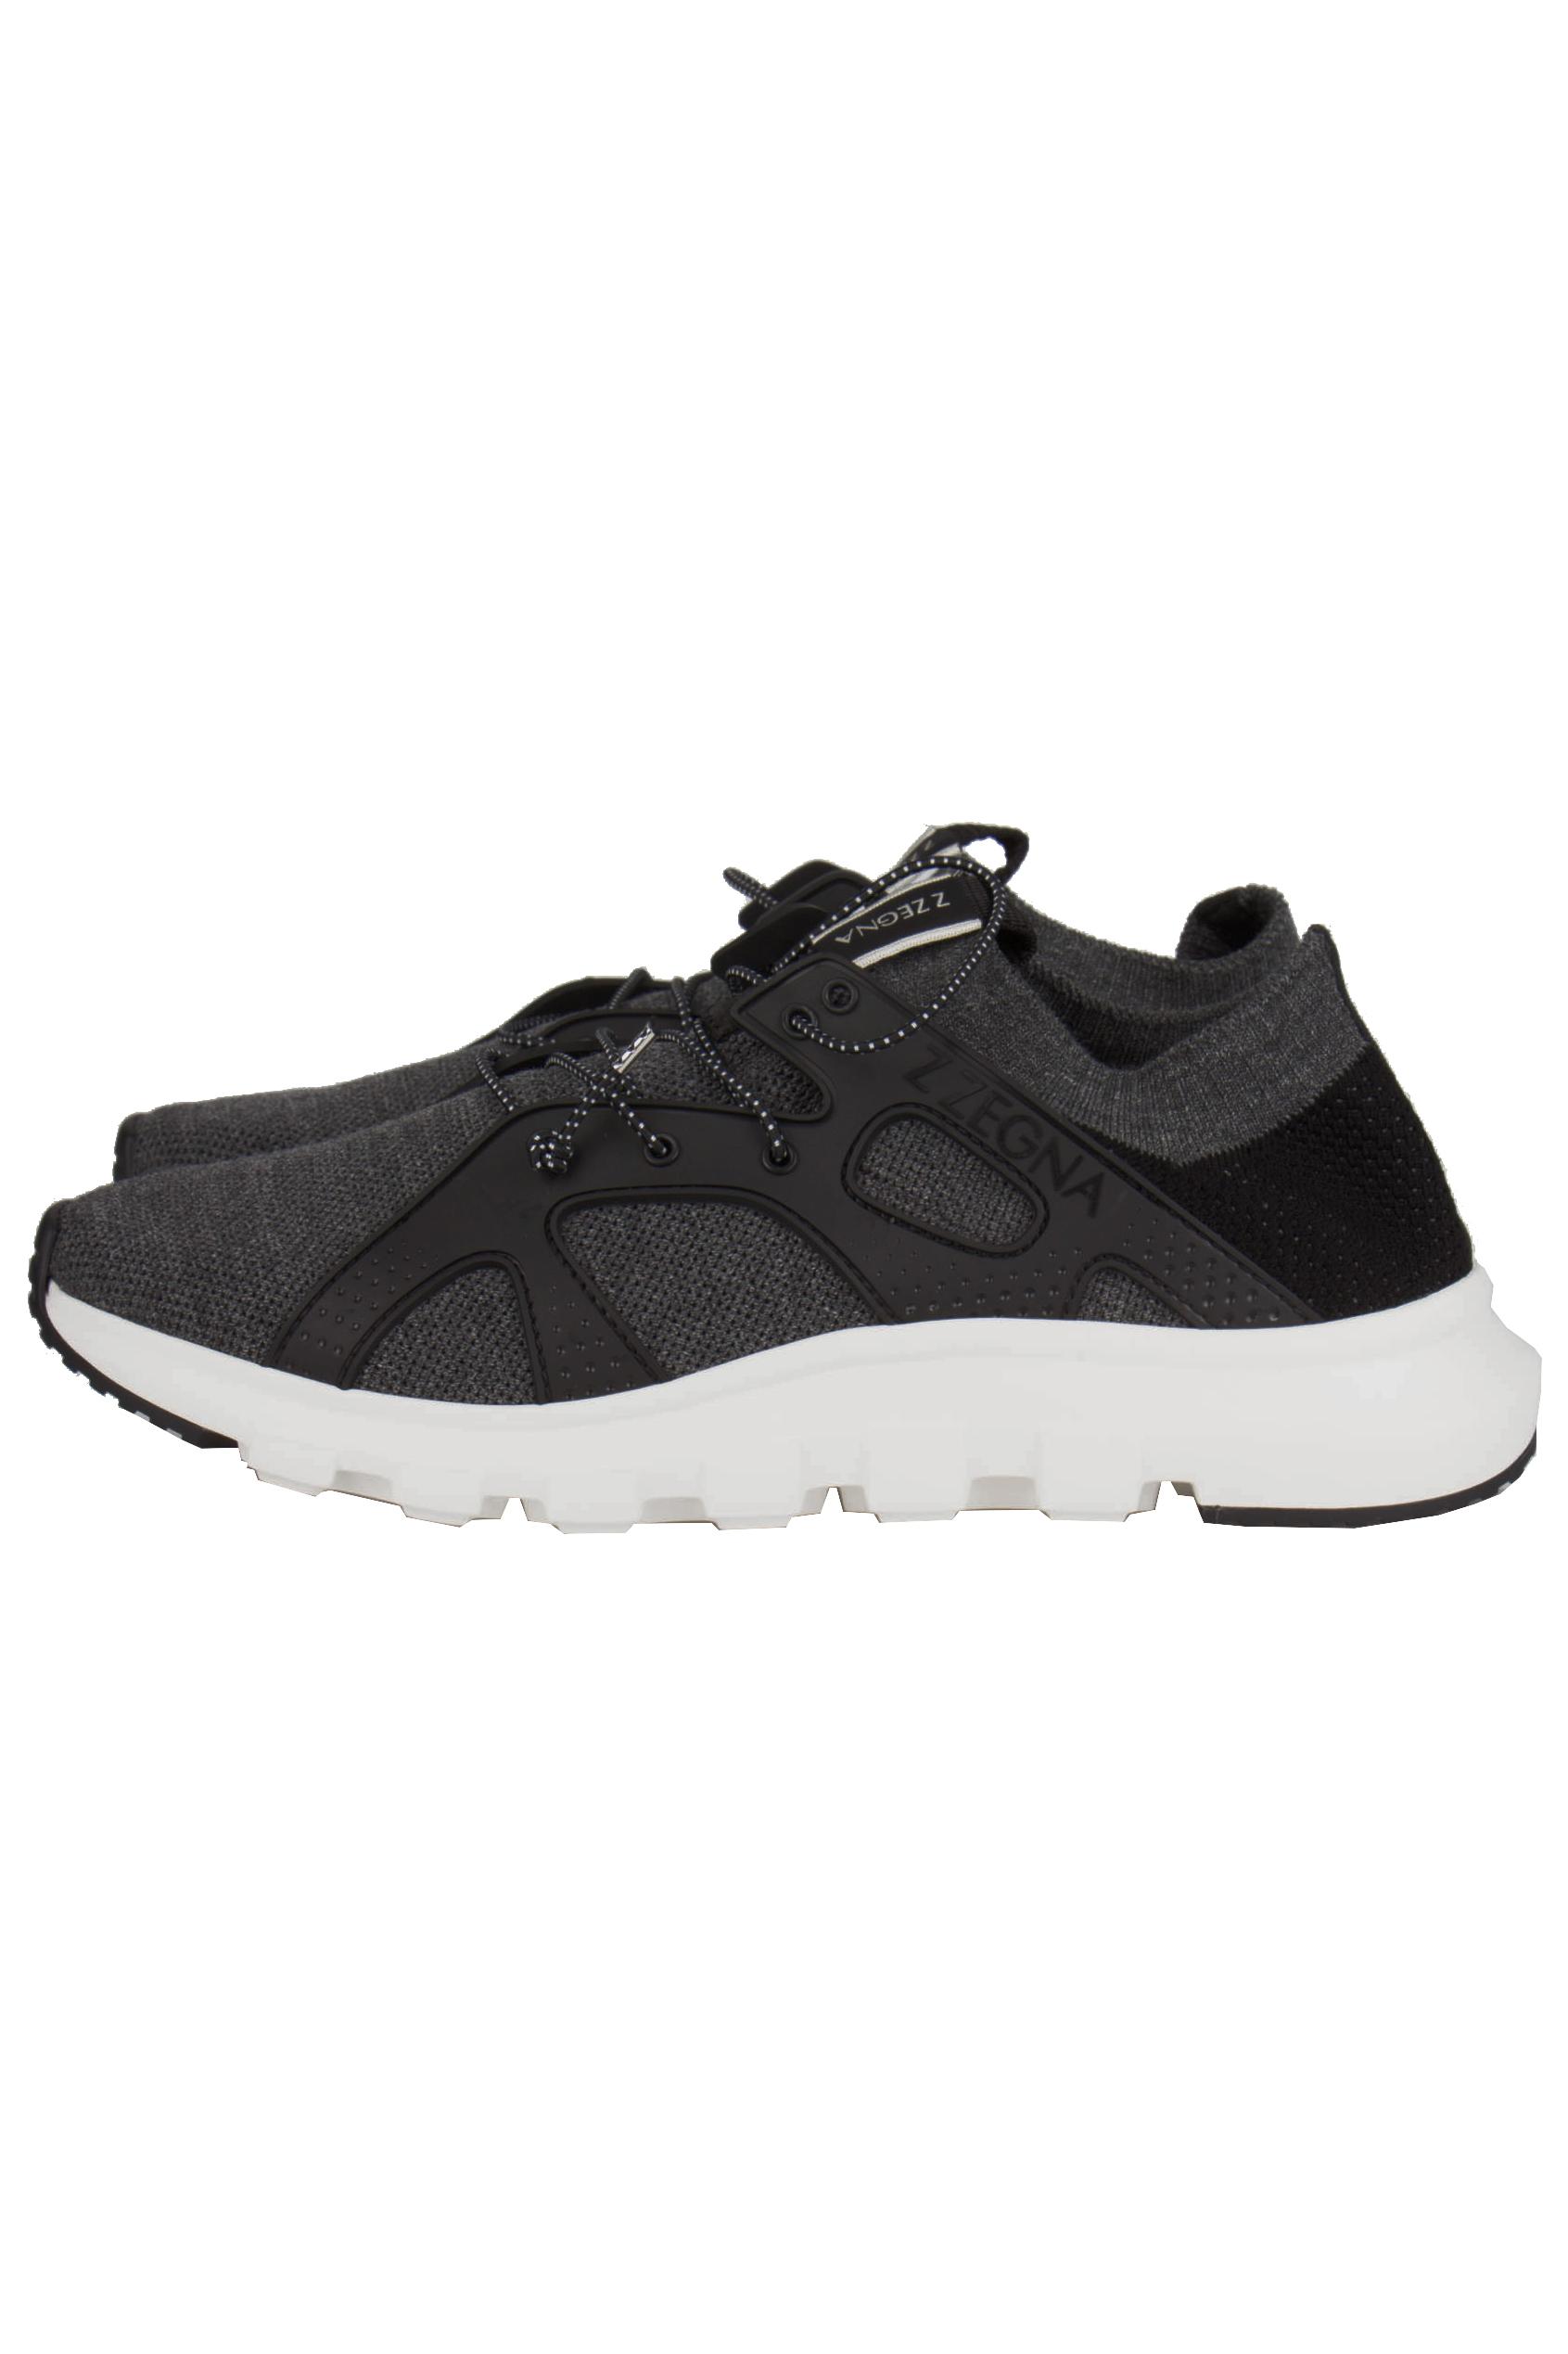 ZZEGNA Techmerino Sock 2.0 Sneakers